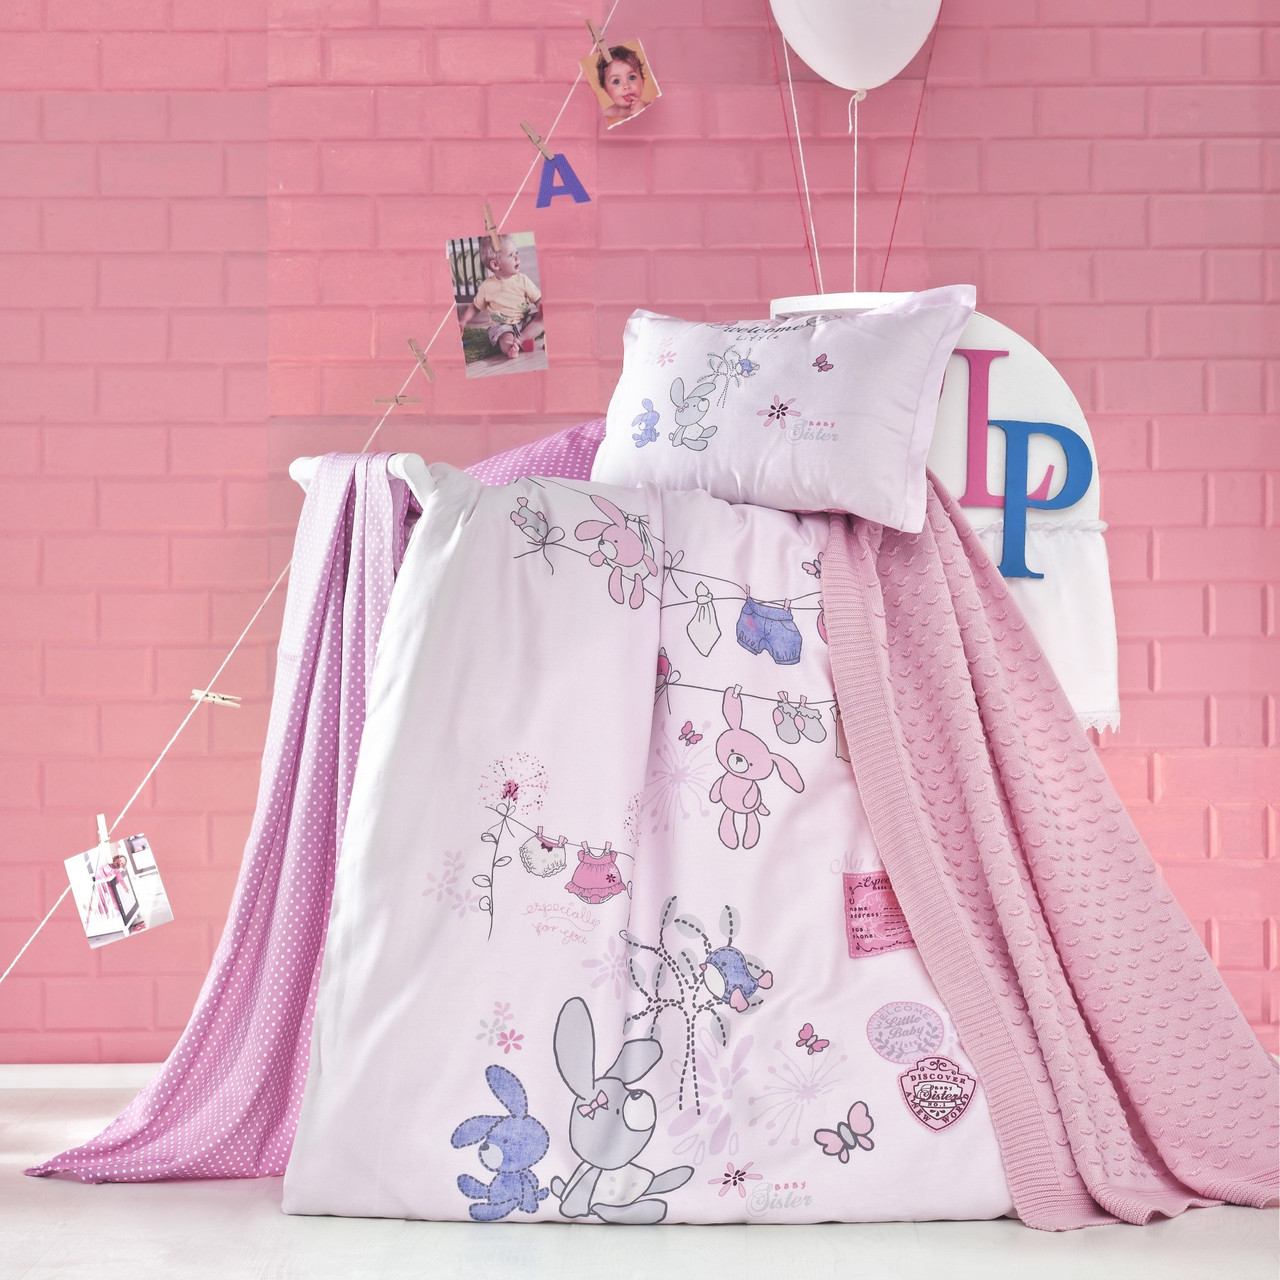 Комплект детского постельного белья с пледом Little, Luoca Patisca